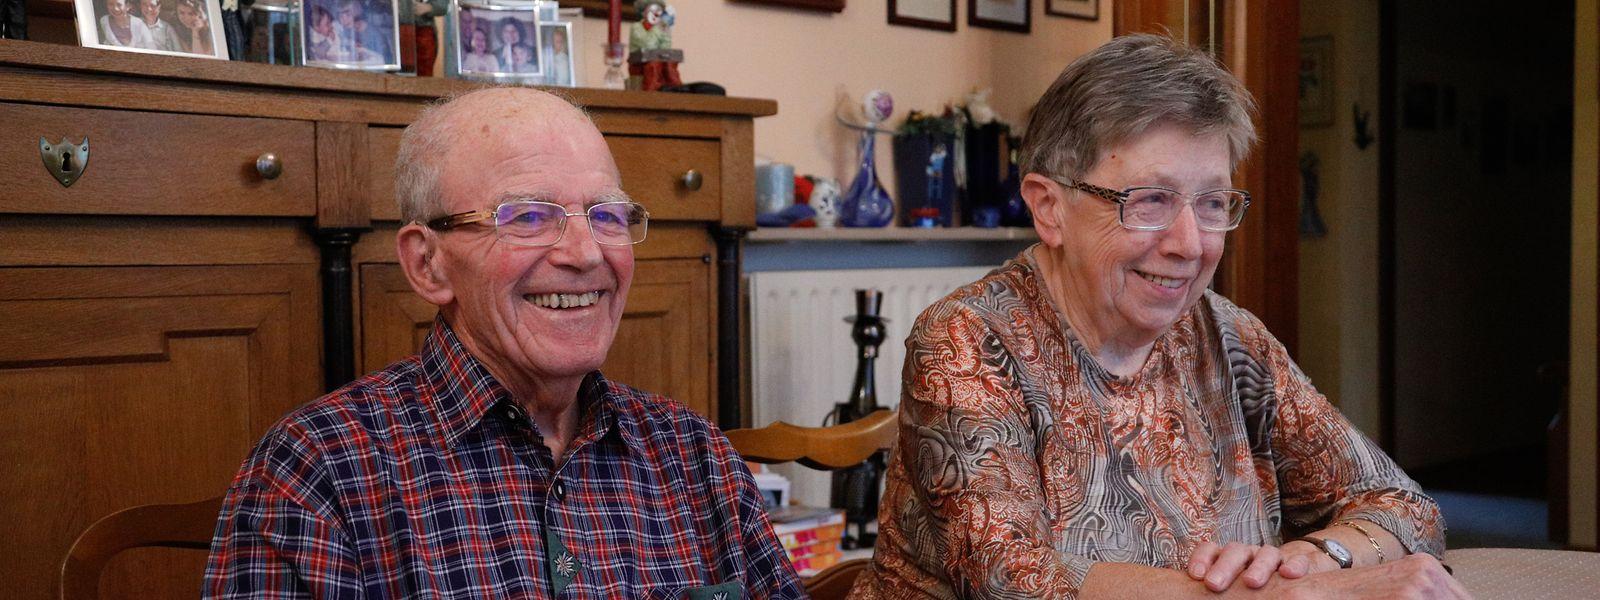 Marie Koppes, 82, und ihr Mann Joseph Koppes, 88, aus Esch/Alzette sagen der Alzheimer-Erkrankung mit Lebensfreude und positivem Denken den Kampf an.